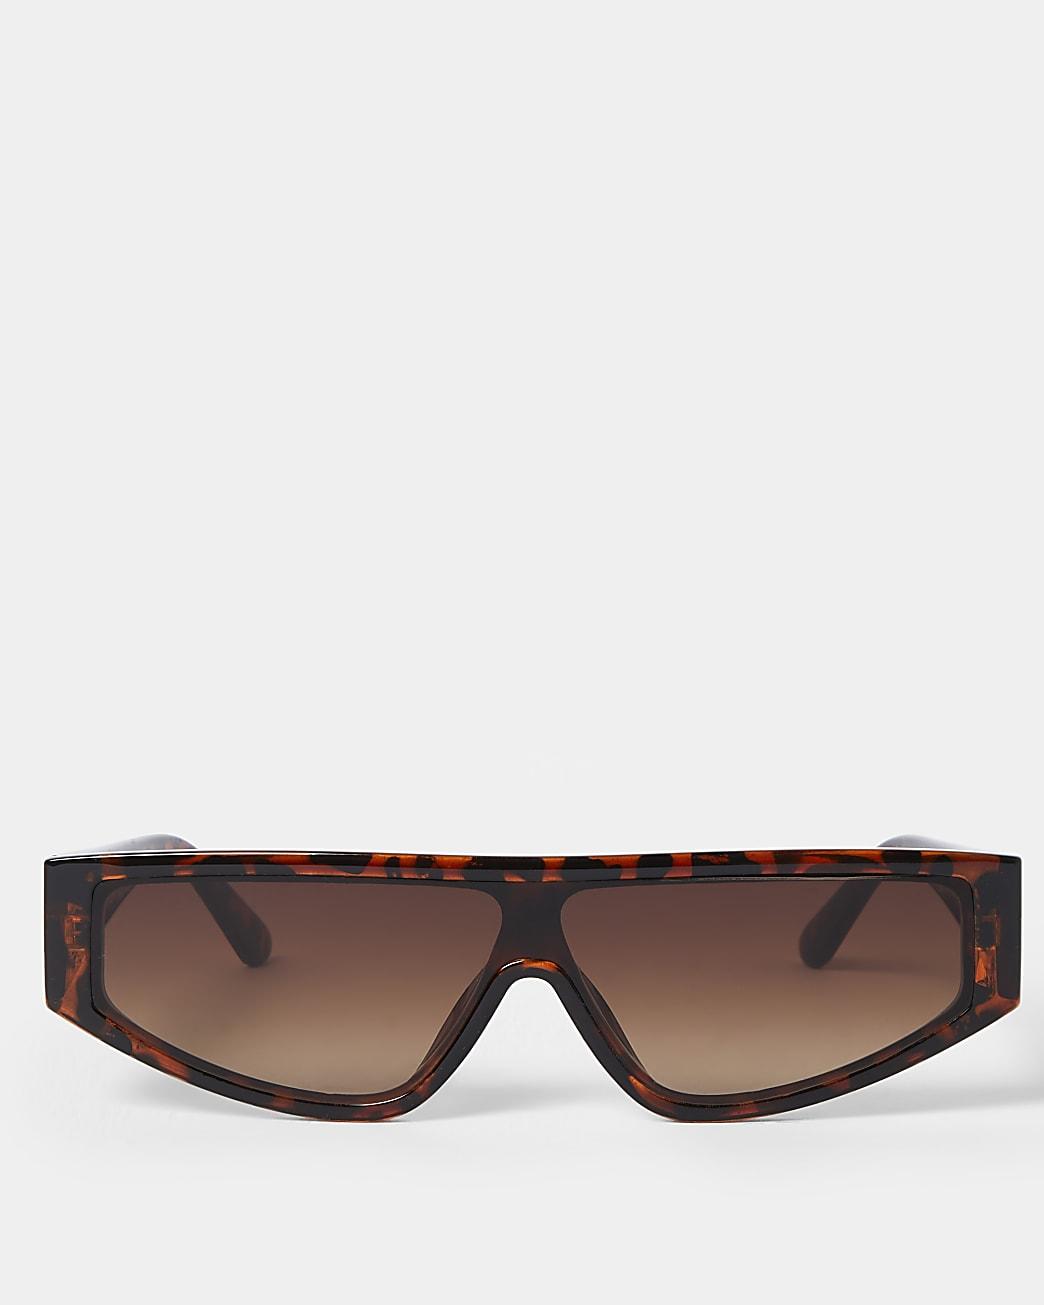 Tortoise shell slim frame sunglasses